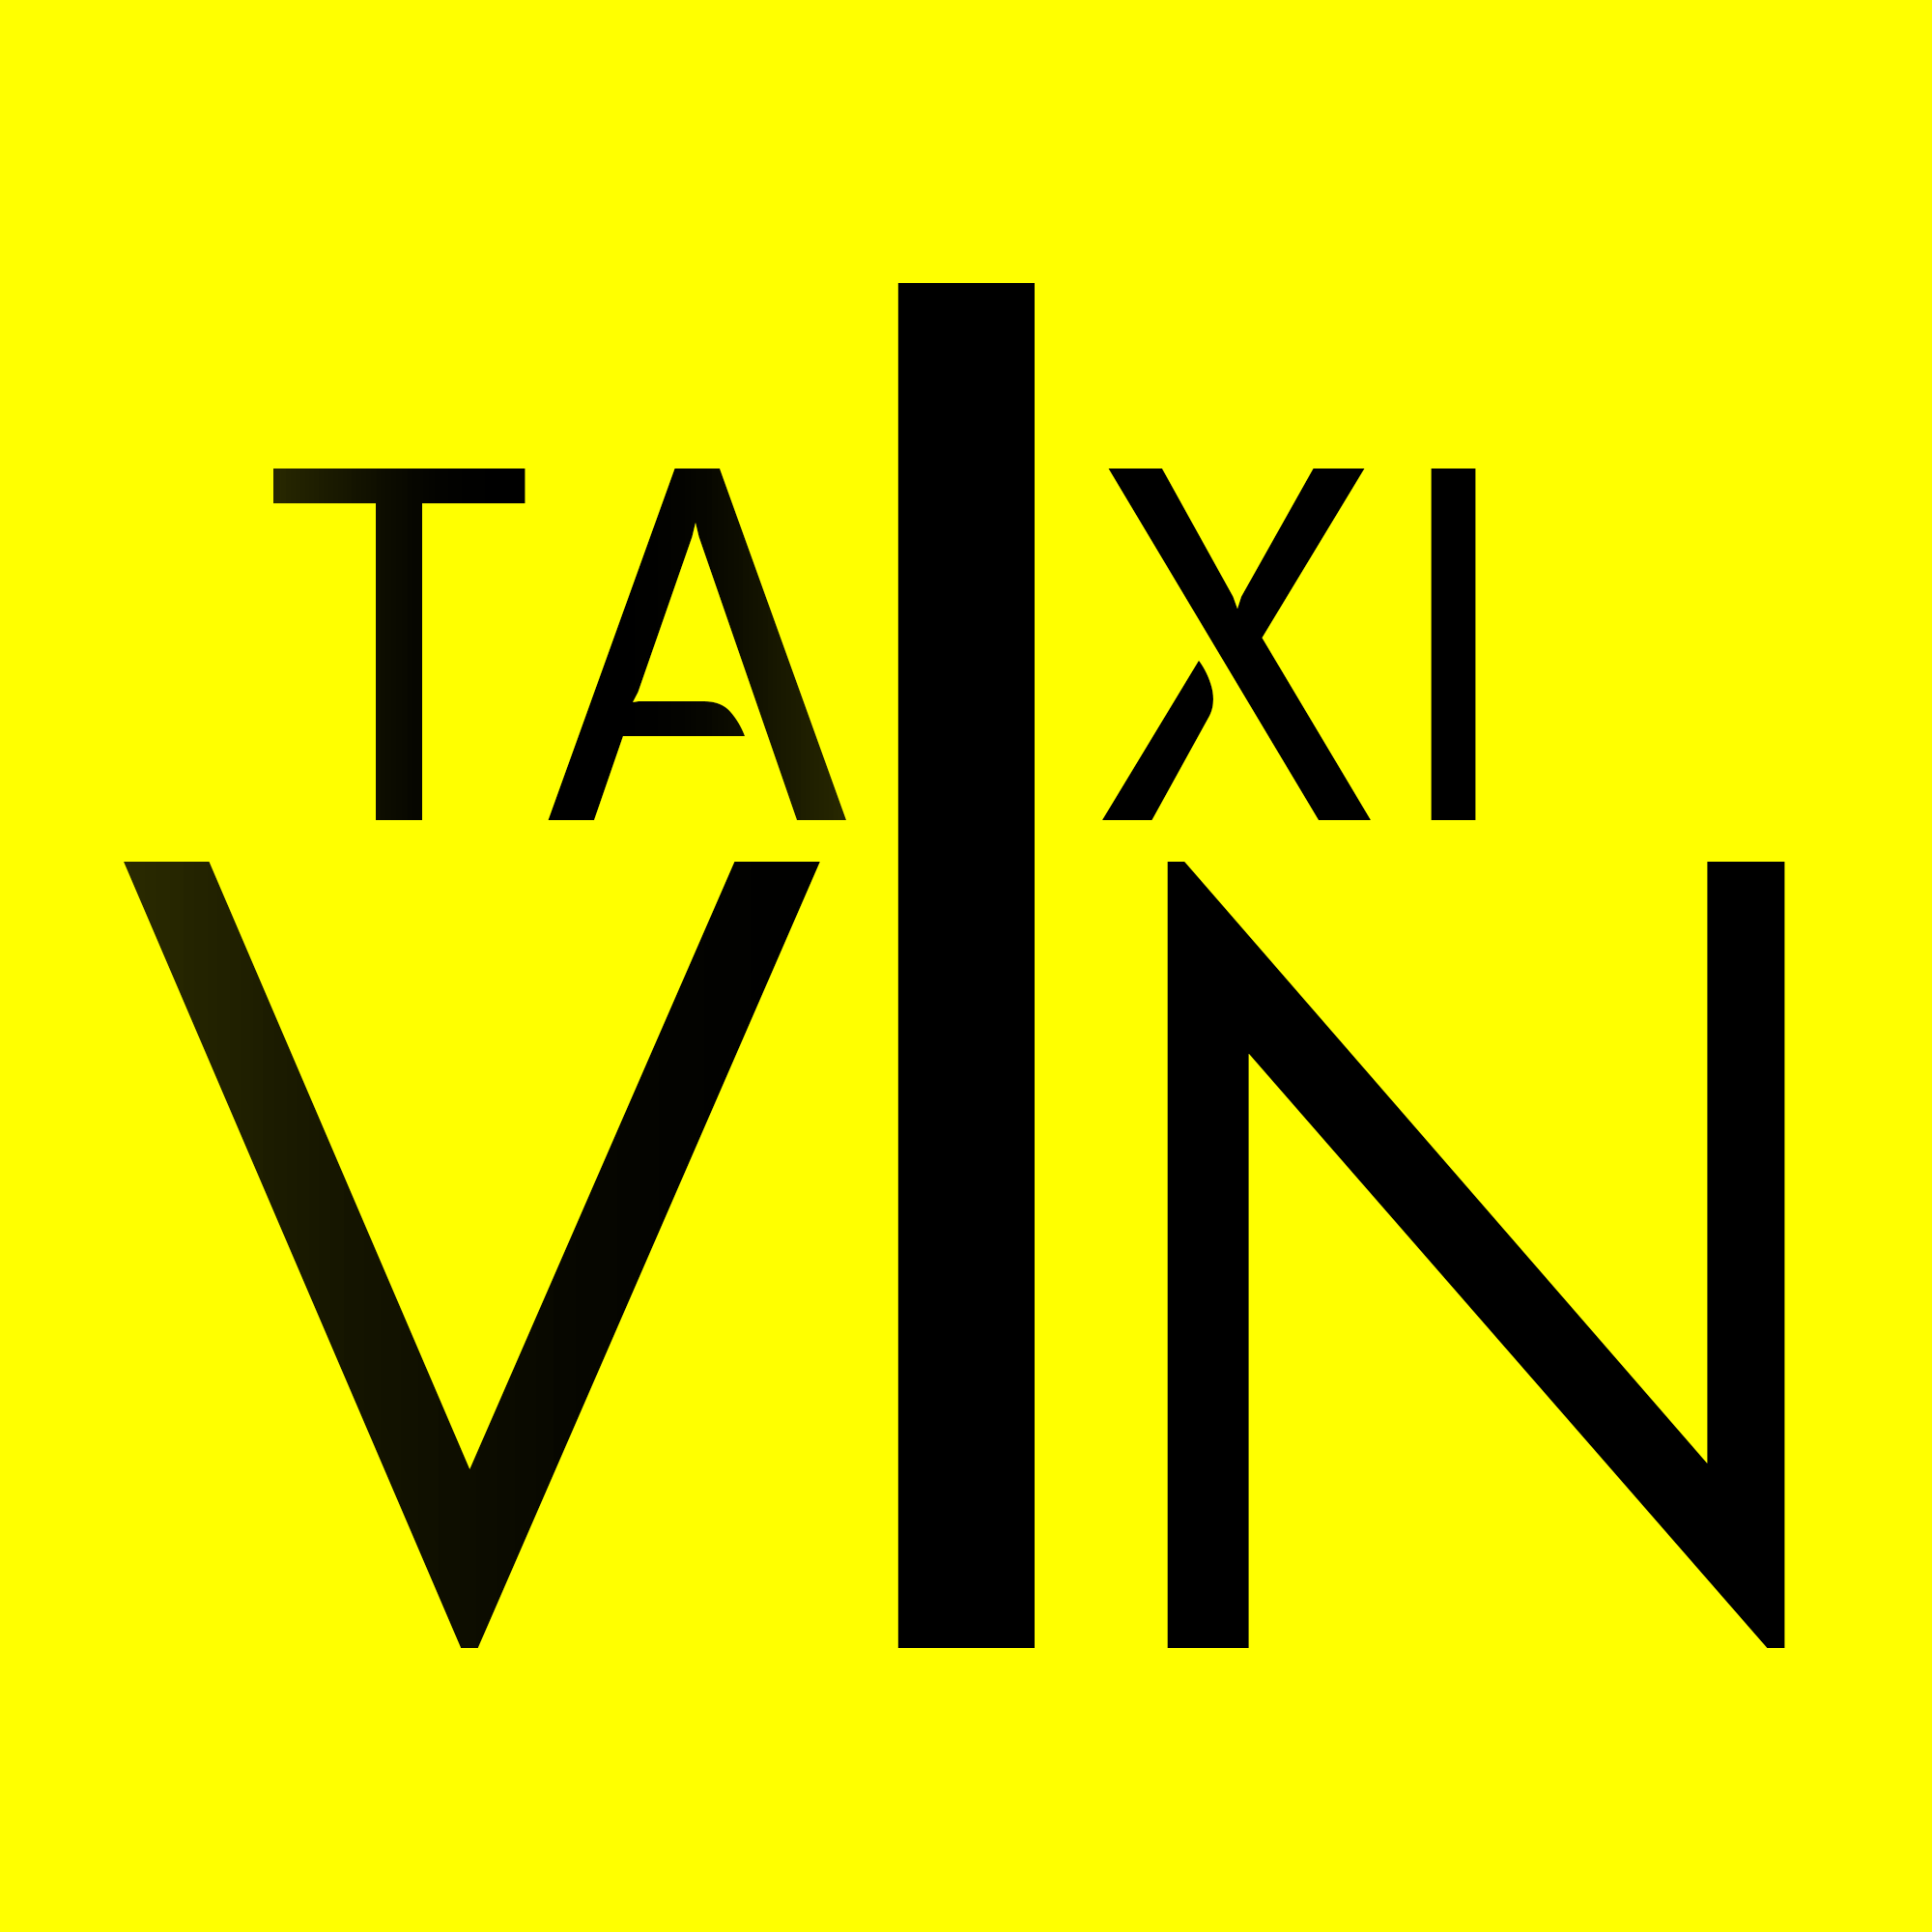 Разработка логотипа и фирменного стиля для такси фото f_7655b919bde81b20.png